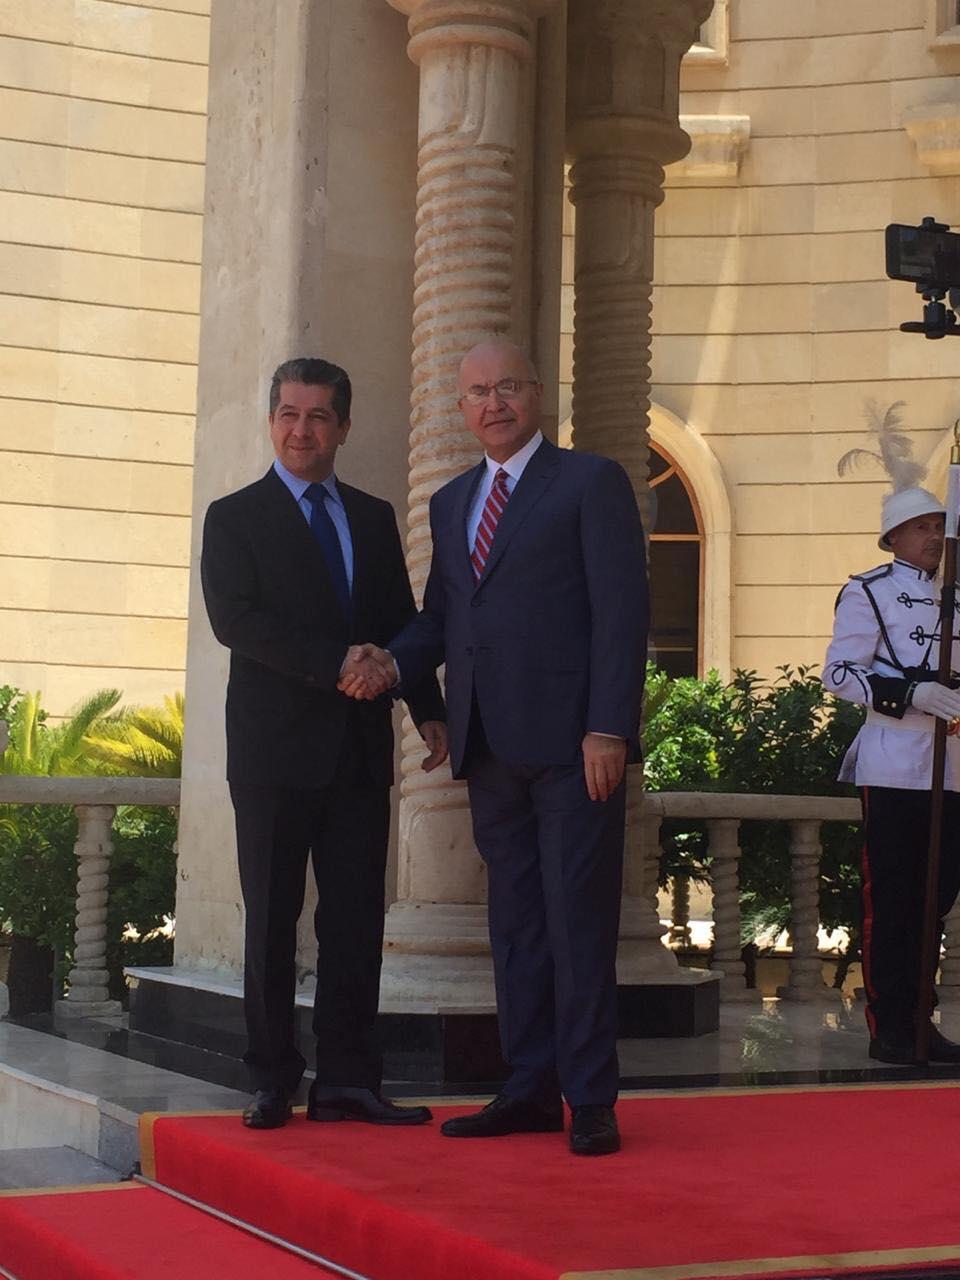 رئيس الجمهورية يستقبل مسرور بارزاني في قصر السلام